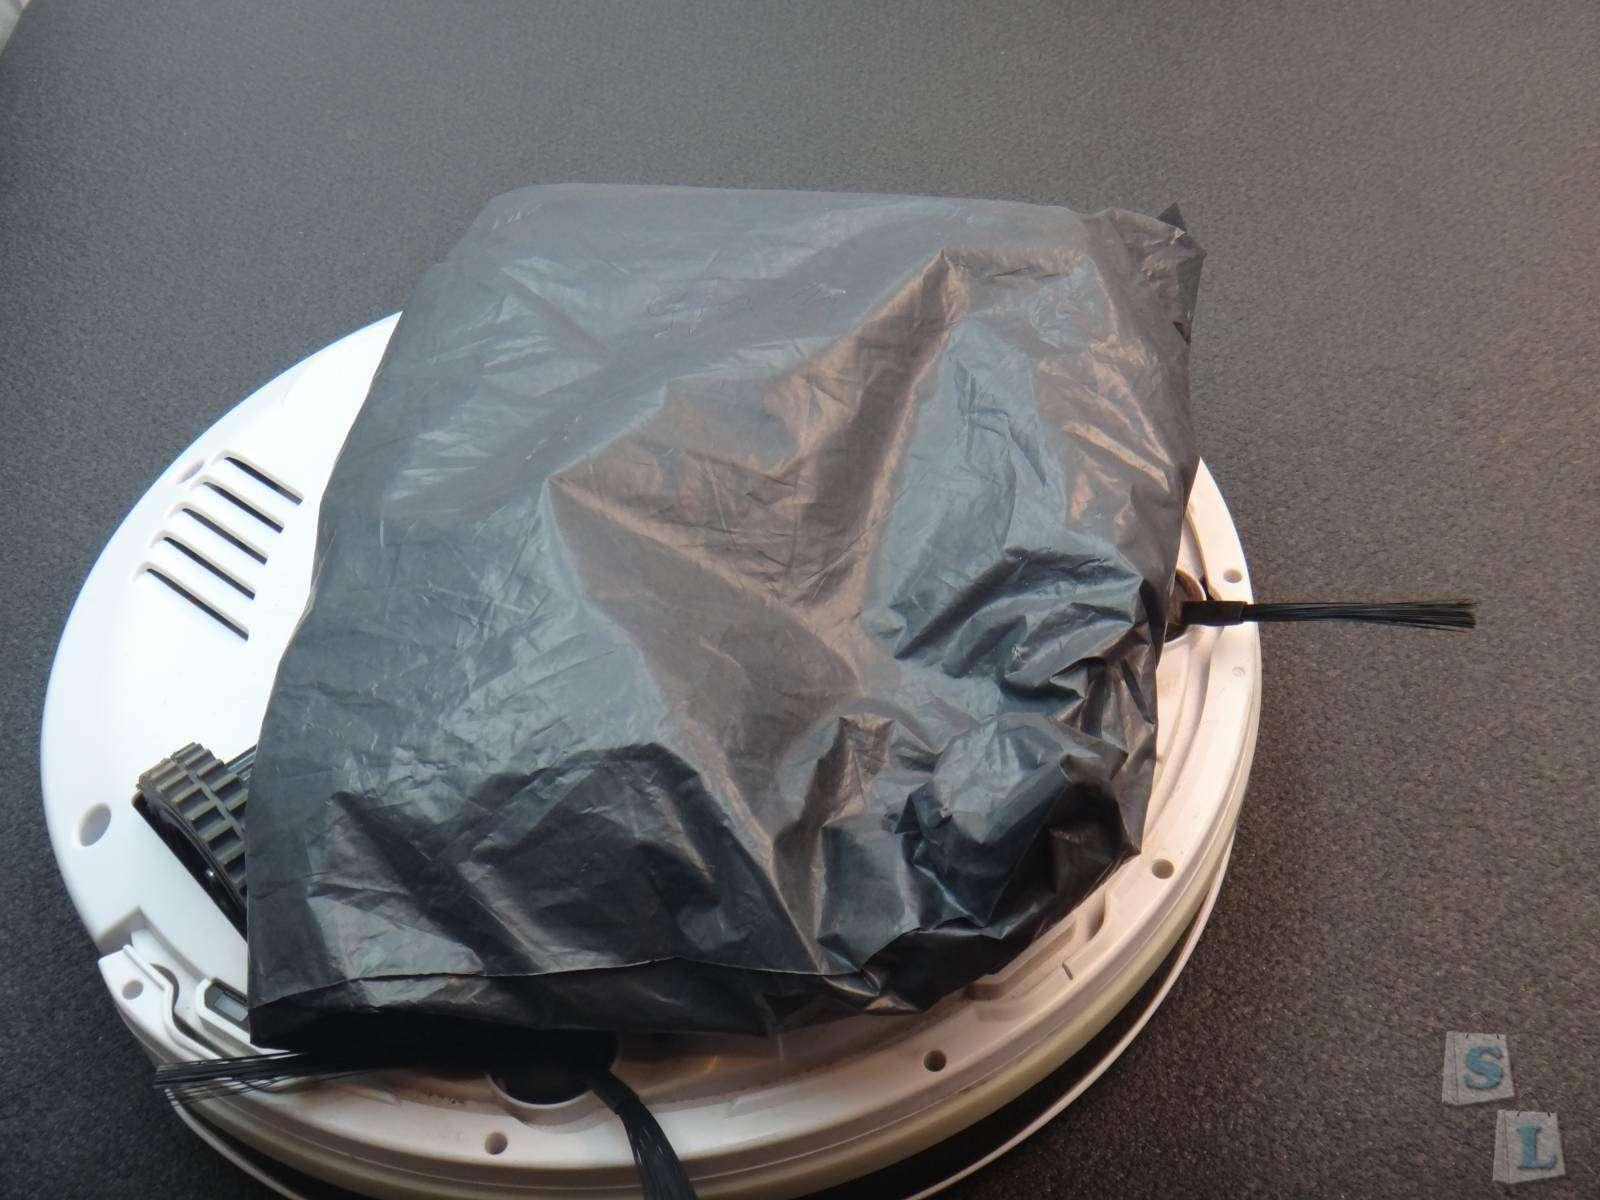 Banggood: Щетки для Chuwi Ilife V5 которому не подошли от IRobot Roomba пылесоса